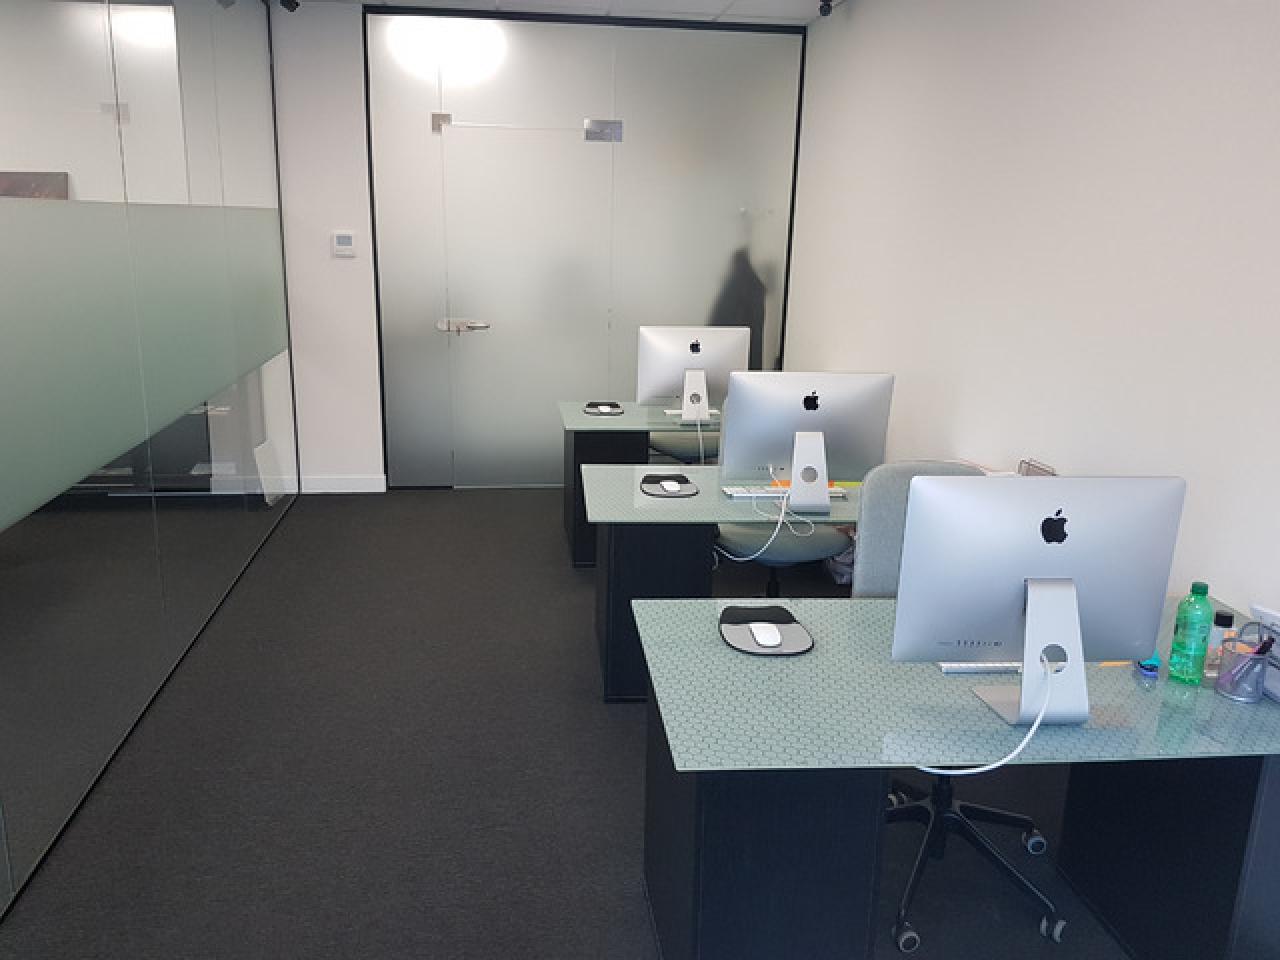 Сдается рабочее место или часть офиса с доступом в Meeting room - 4